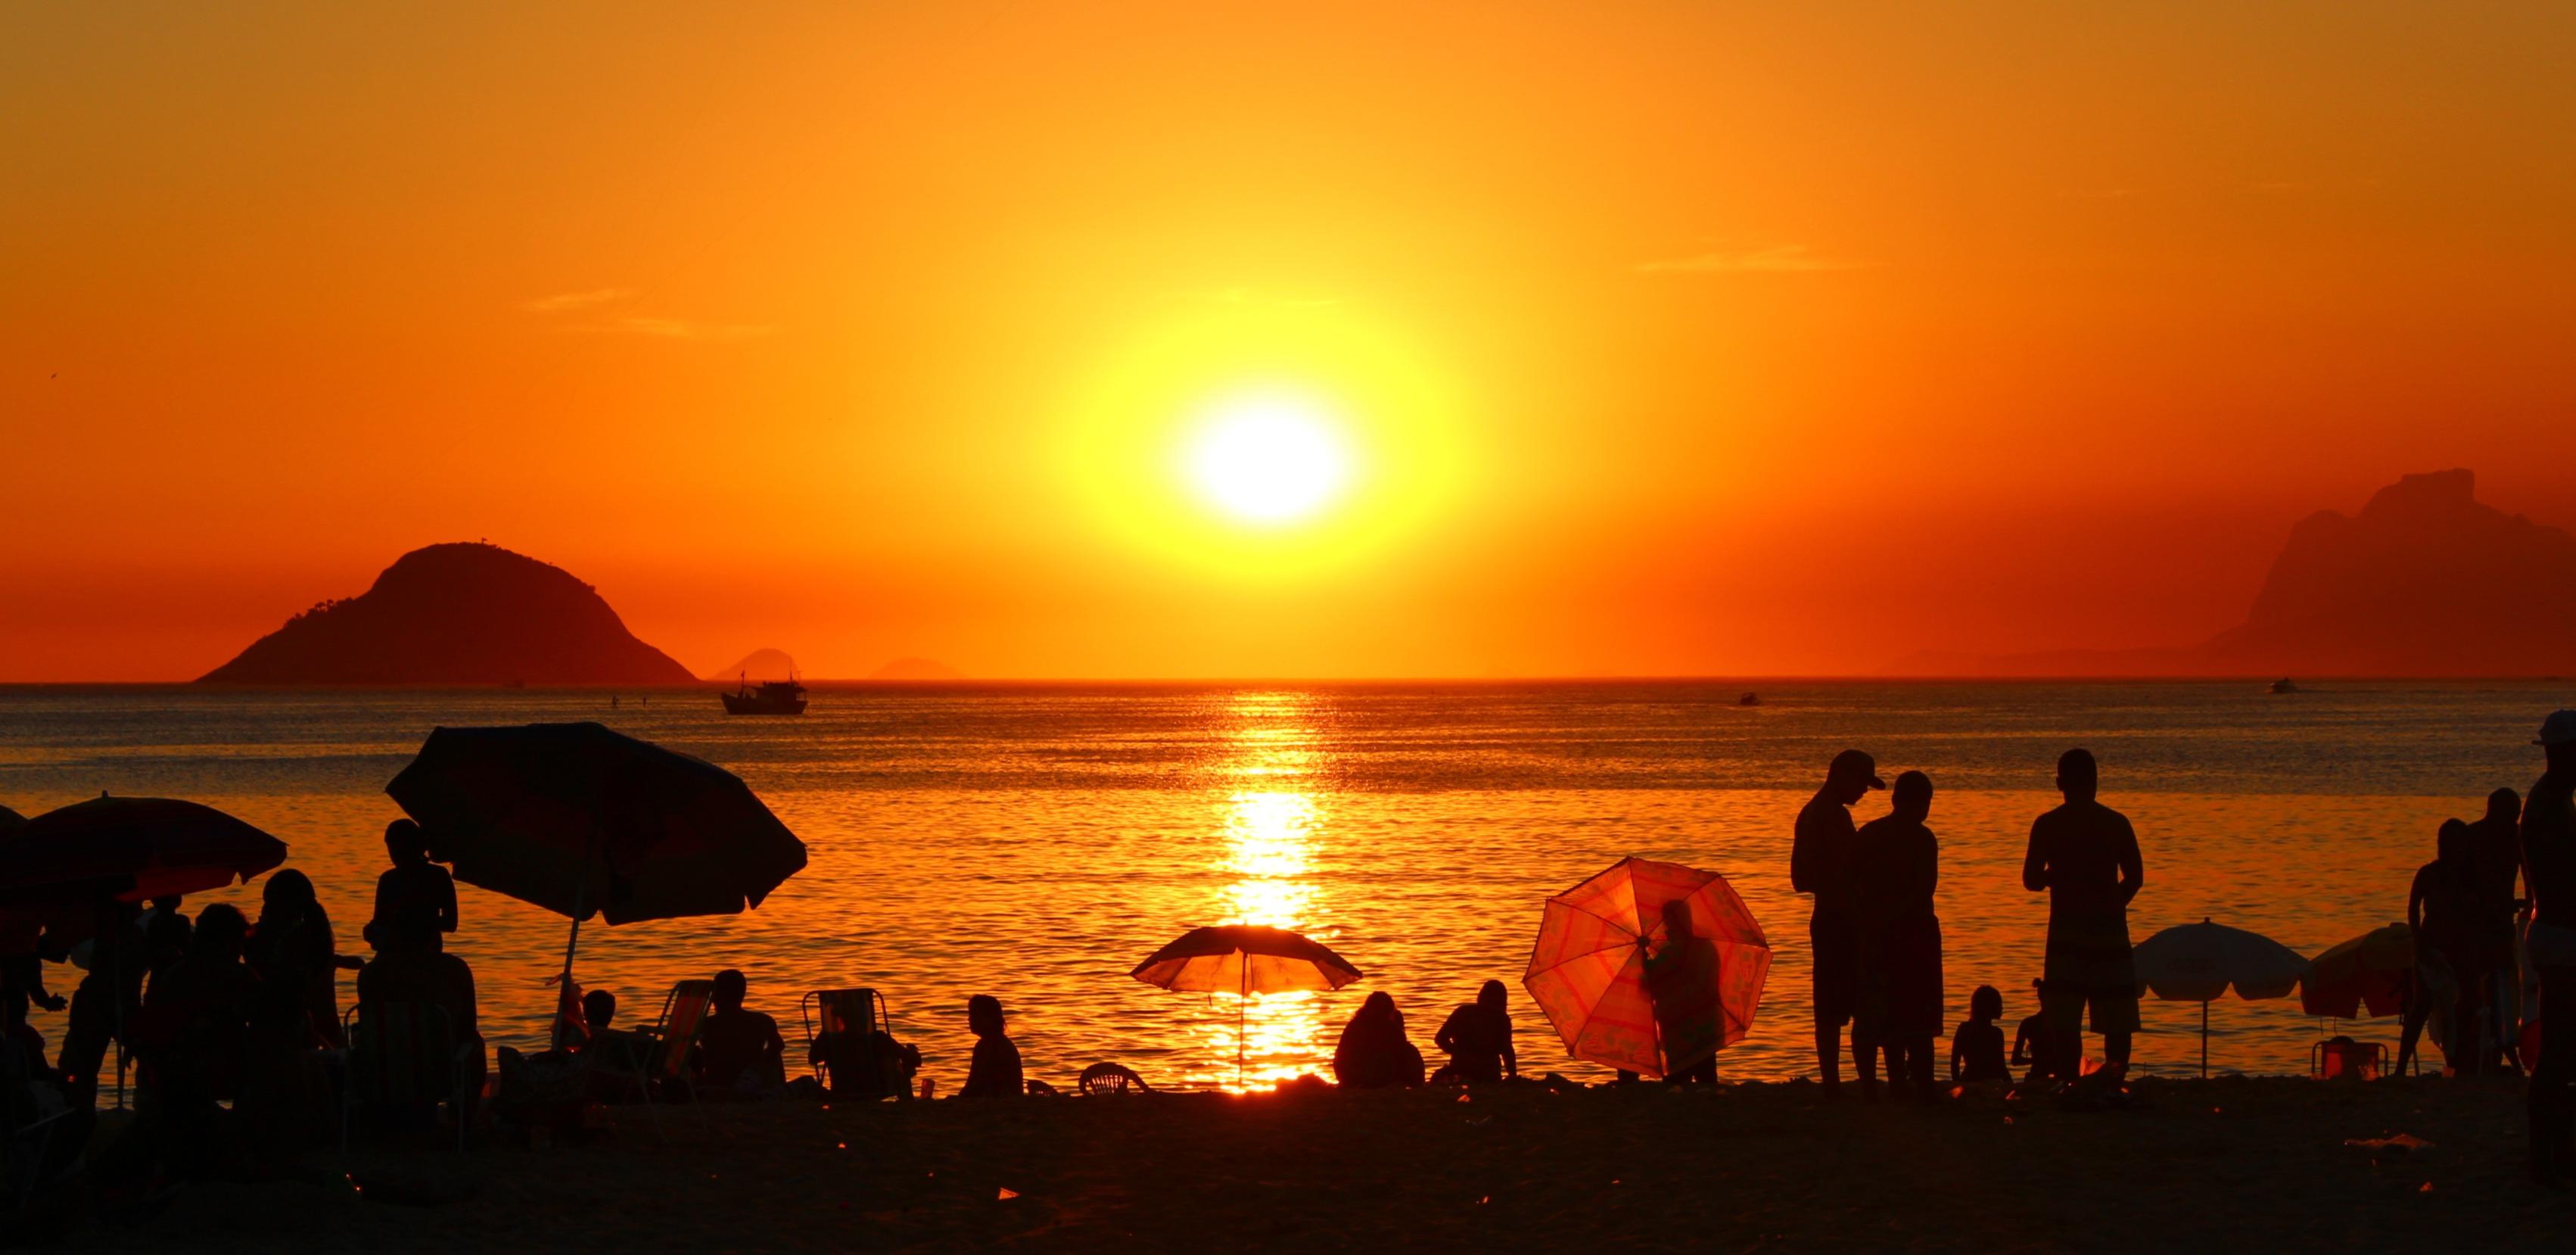 Pôr do Sol em Itaipu 1 - Região Oceânica de Niterói RJ - Um excelente lugar para se viver e fazer negócios.